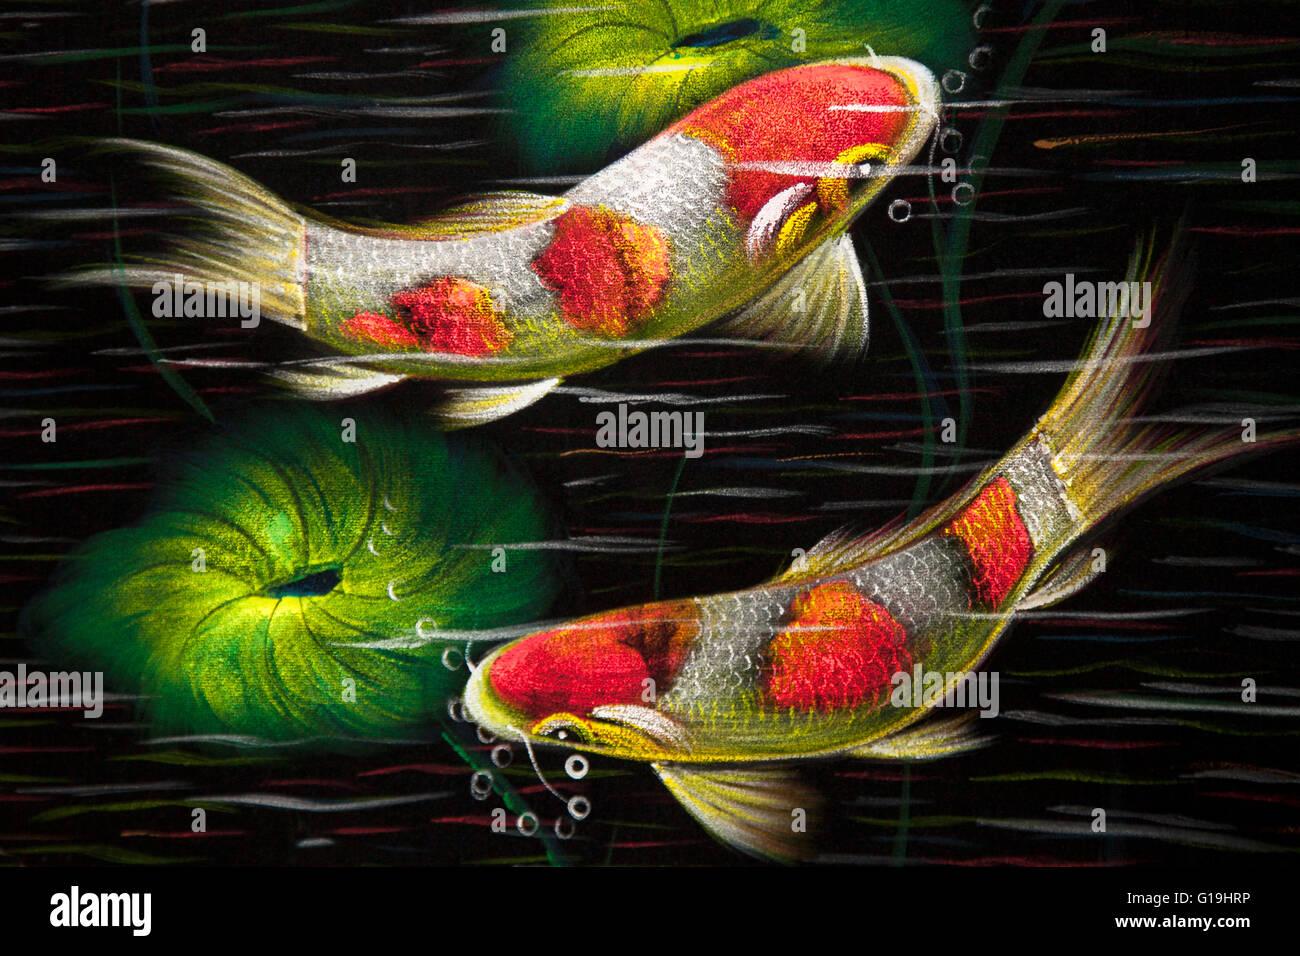 Pom Goldfish Peces arte callejero de pintura. Peces carpa ilustración, con las curvas panorámicas de peces Imagen De Stock